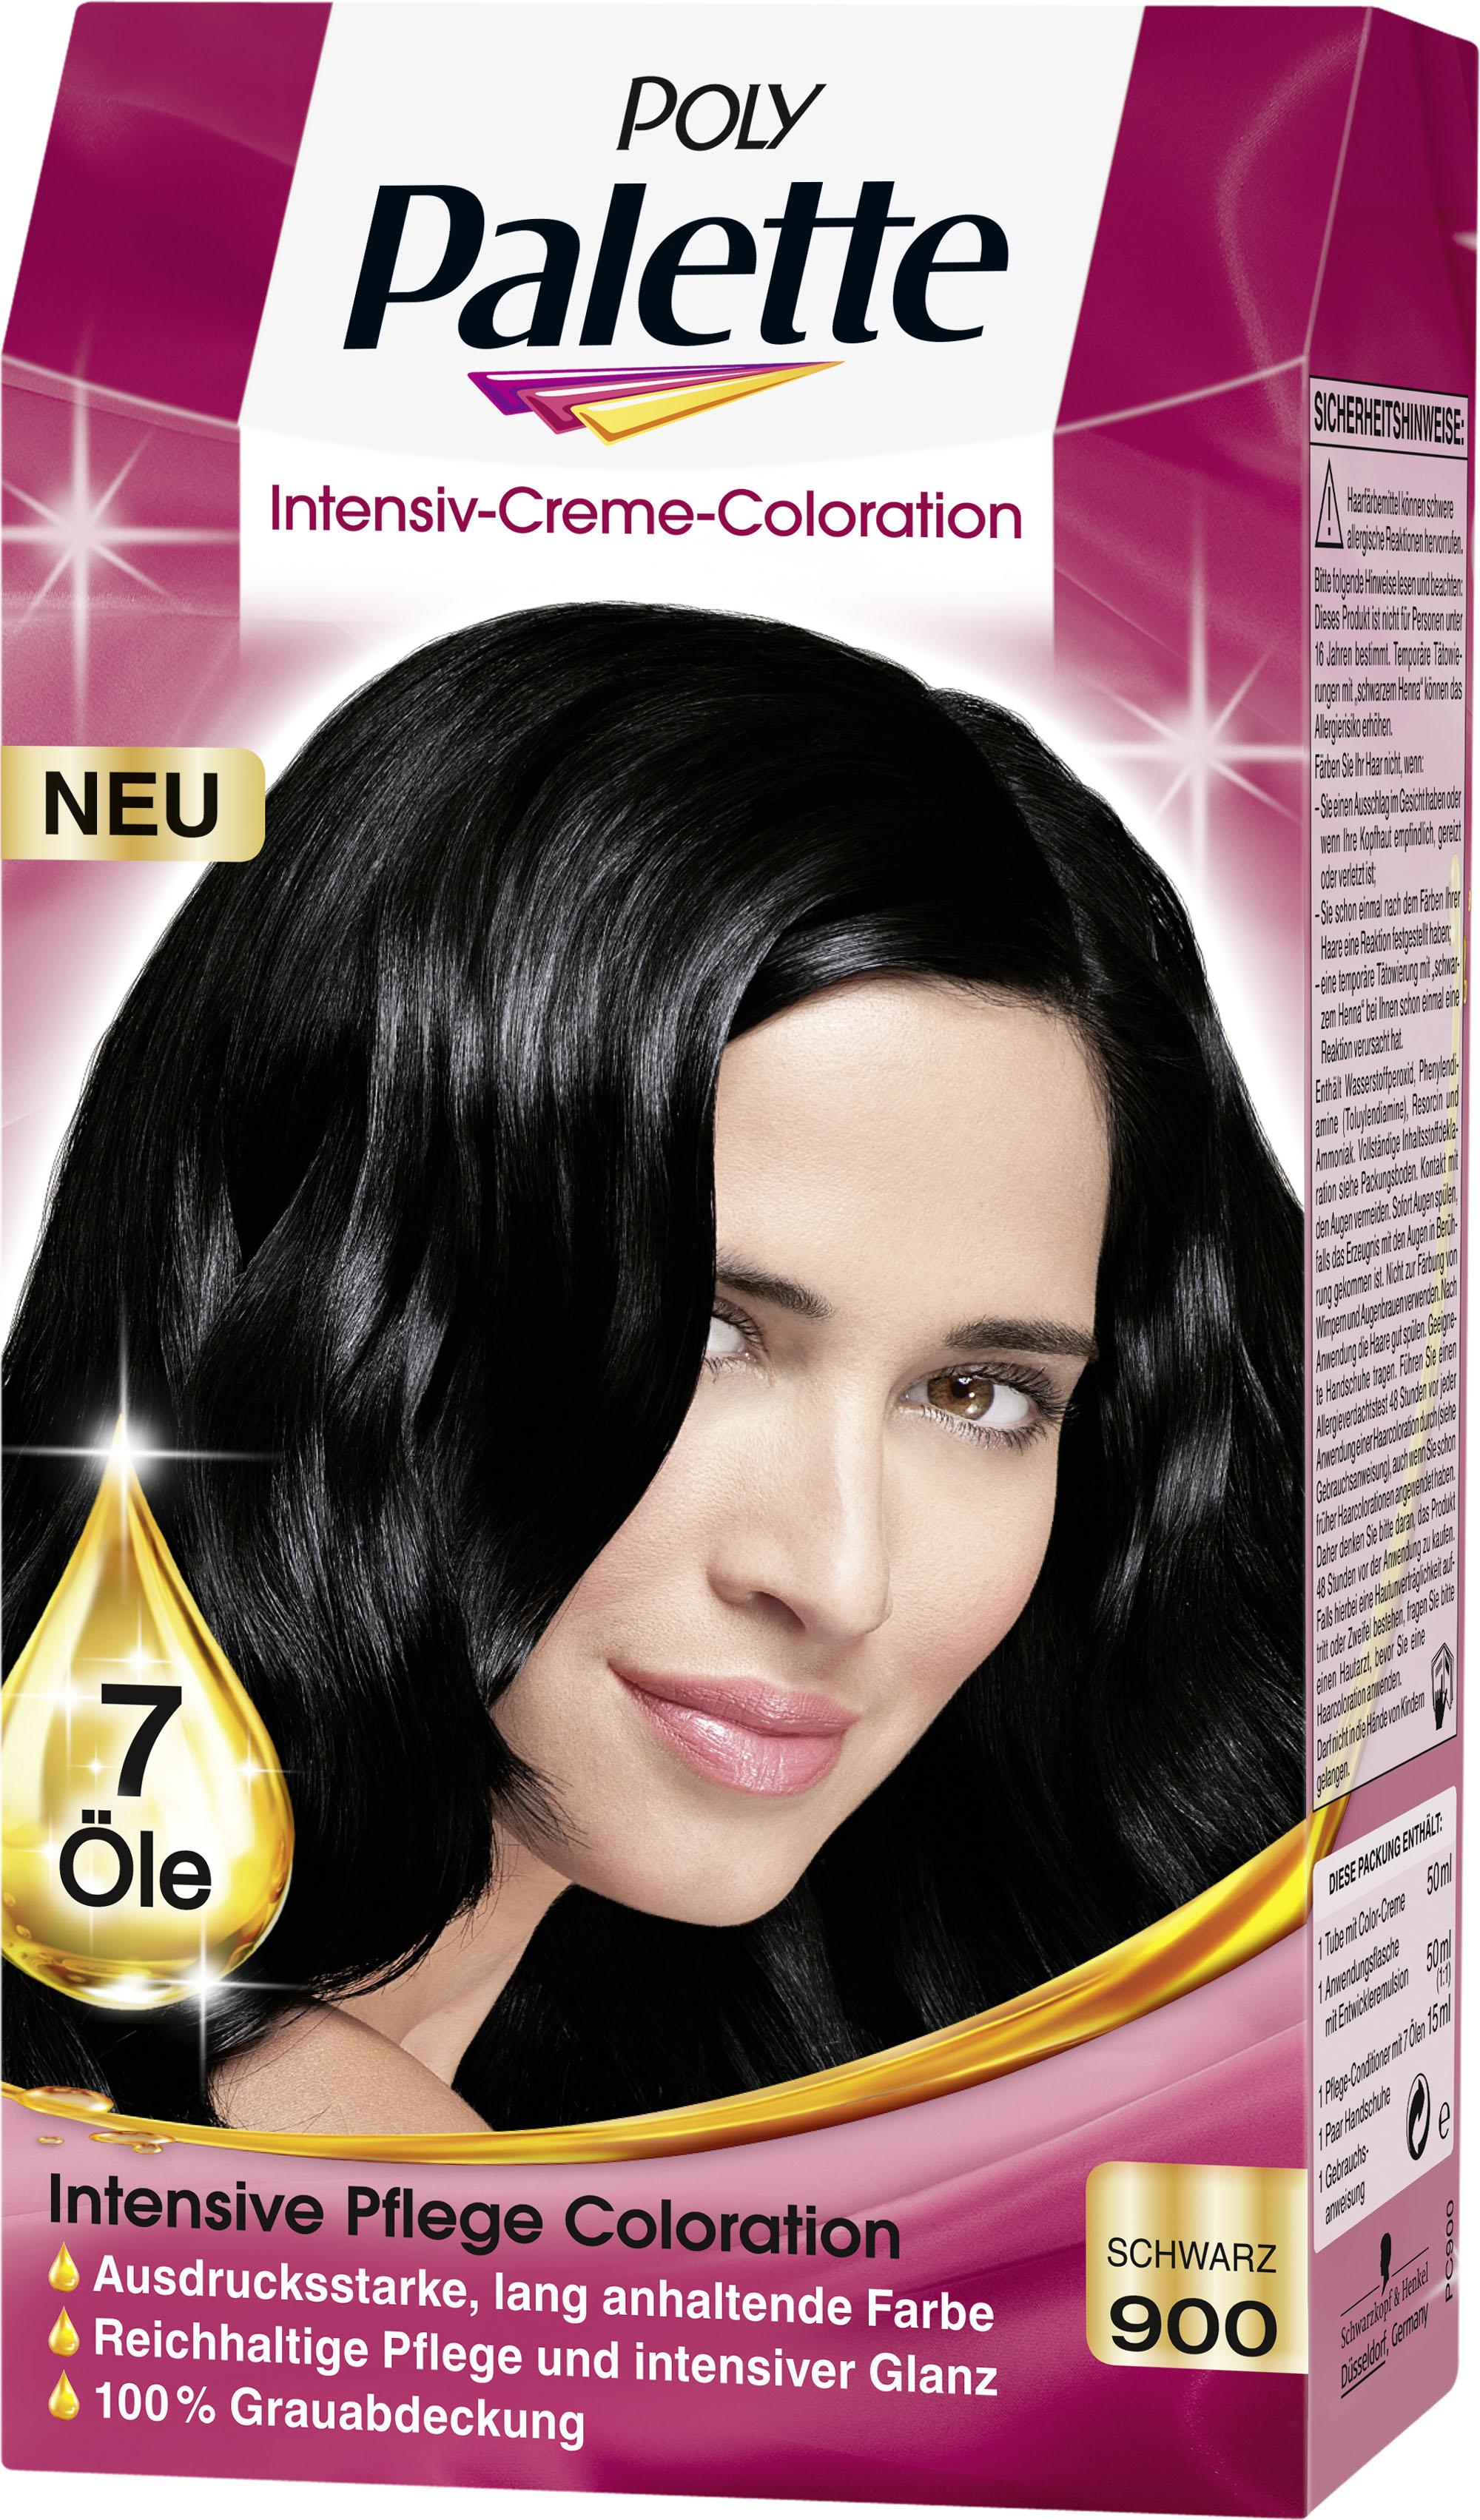 Haarfarbe schwarz oder dunkelbraun